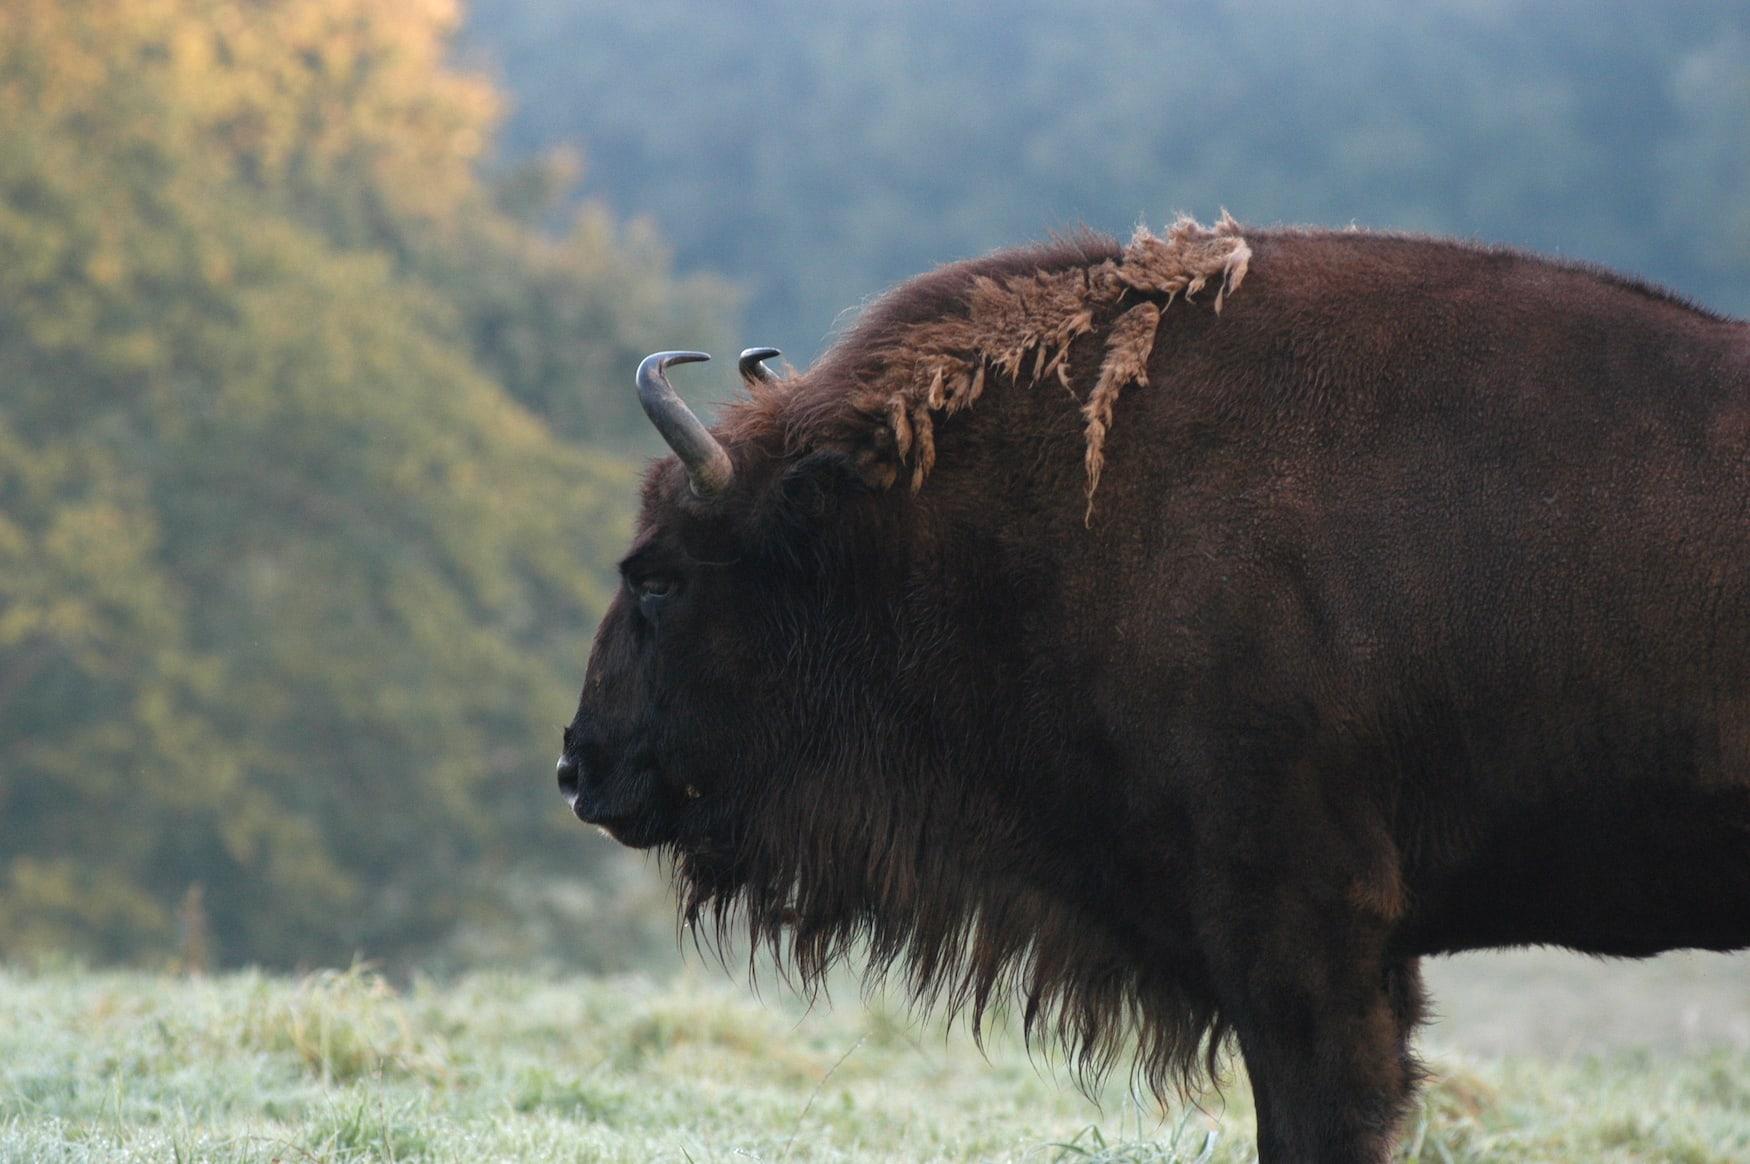 Auf Safari in Deutschland: Wisente steht im eiszeitlichen Wildgehege im Neanderthal Museum